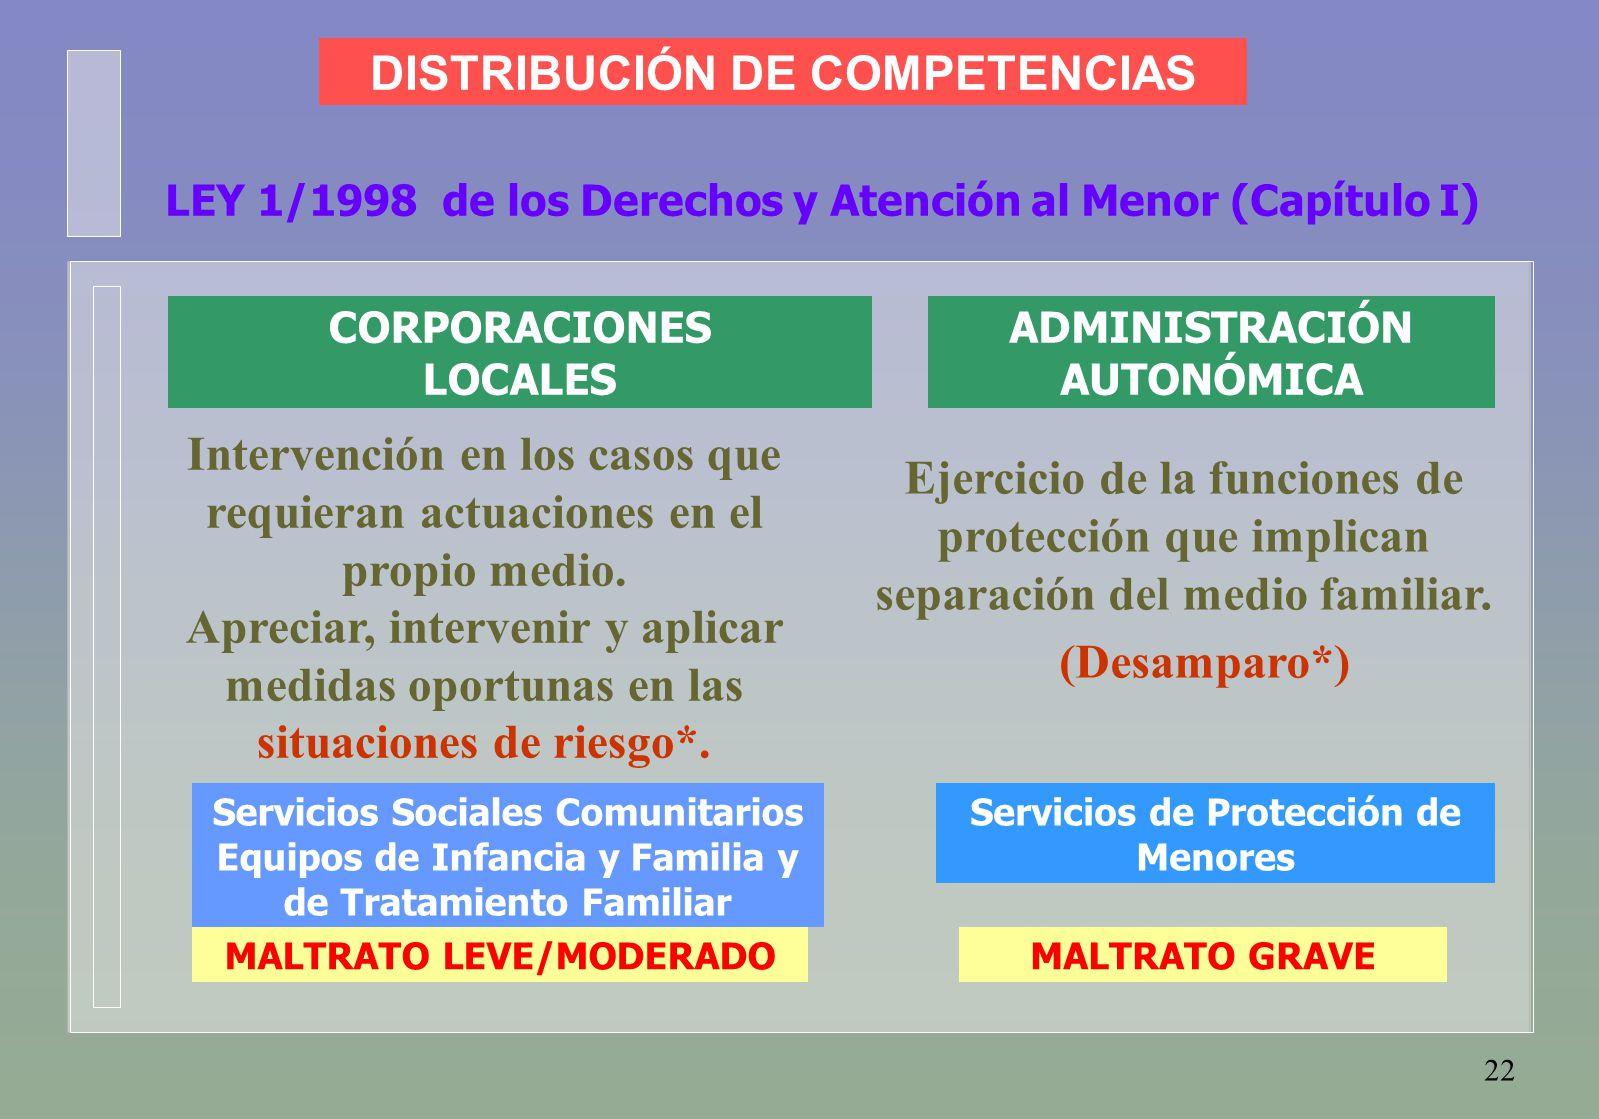 22 LEY 1/1998 de los Derechos y Atención al Menor (Capítulo I) Intervención en los casos que requieran actuaciones en el propio medio.